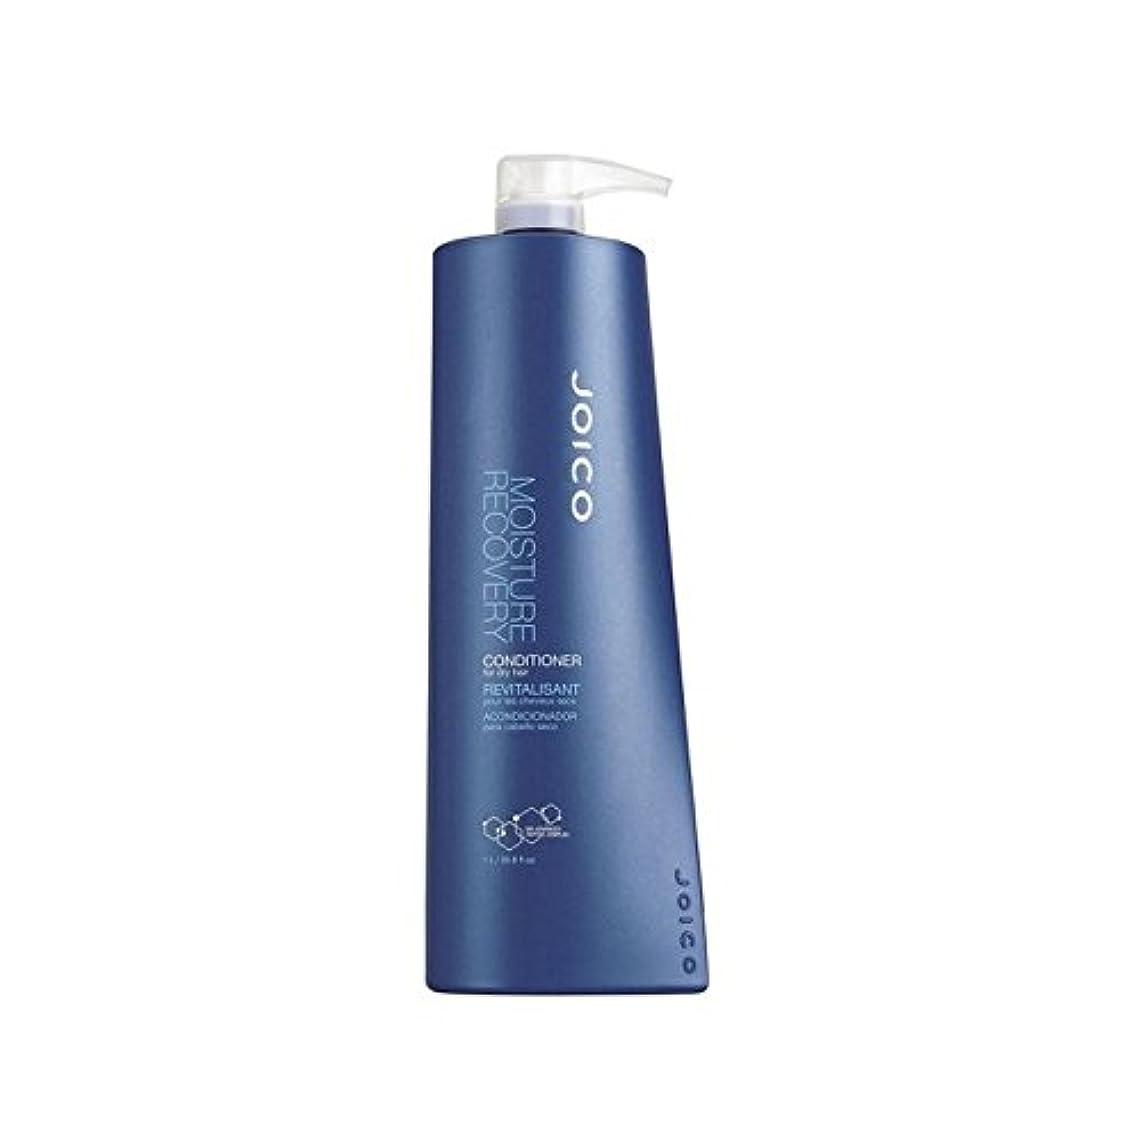 駐地初心者外交問題乾いた髪用ジョイコ水分回復コンディショナー(千ミリリットル) x4 - Joico Moisture Recovery Conditioner For Dry Hair (1000ml) (Pack of 4) [並行輸入品]